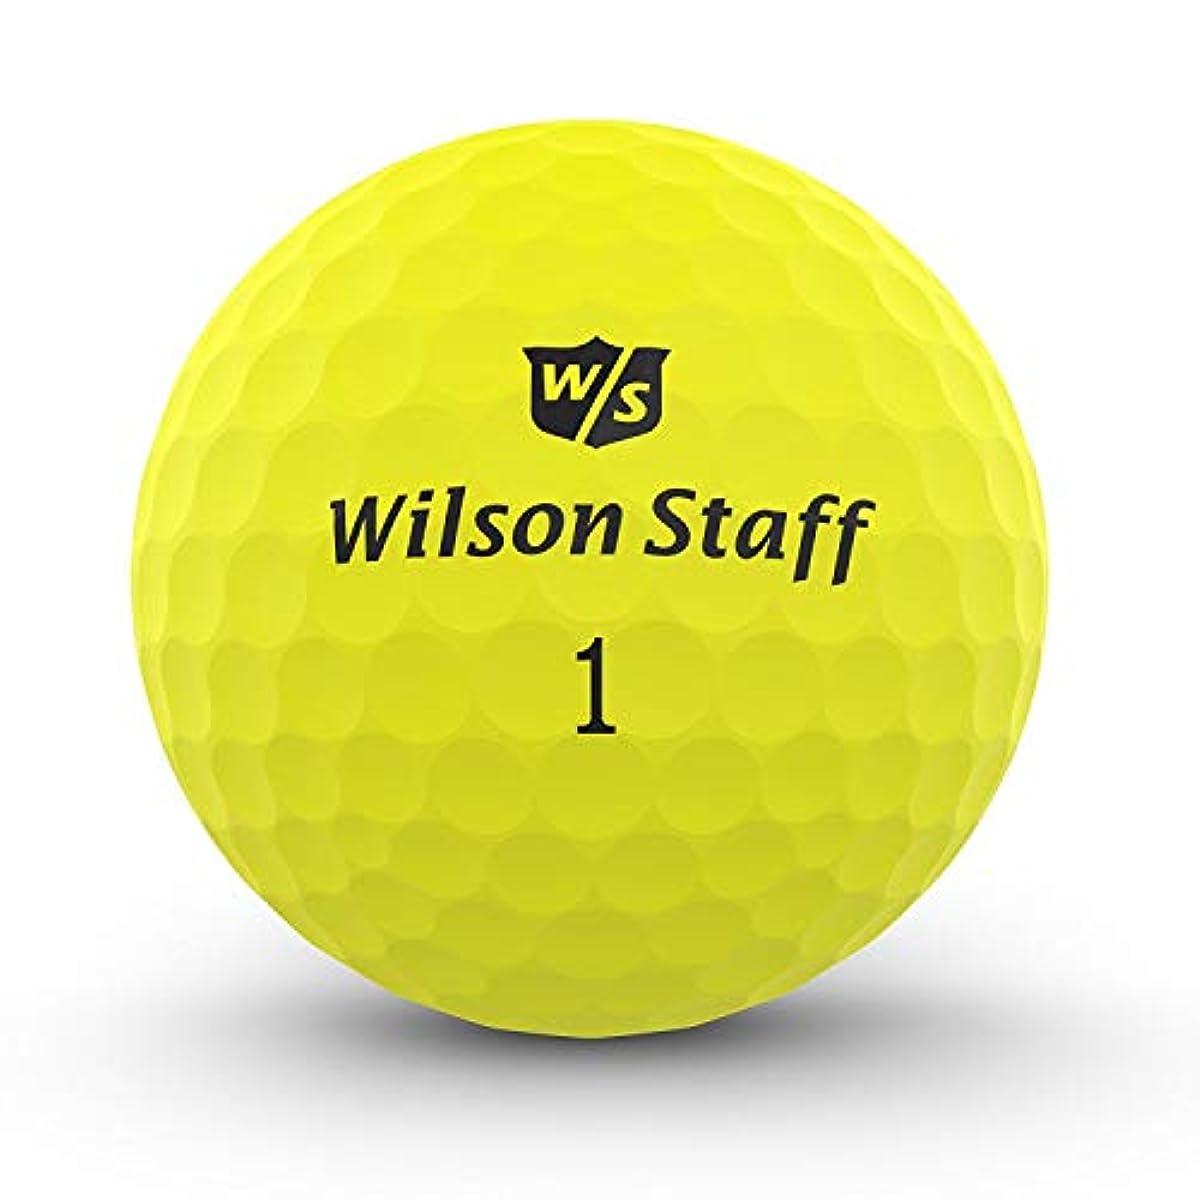 [해외] WILSON 울트라 레이디스 왼손잡이 슈퍼 롱 골프 클럽 세트 카트 화이트&볼 부착